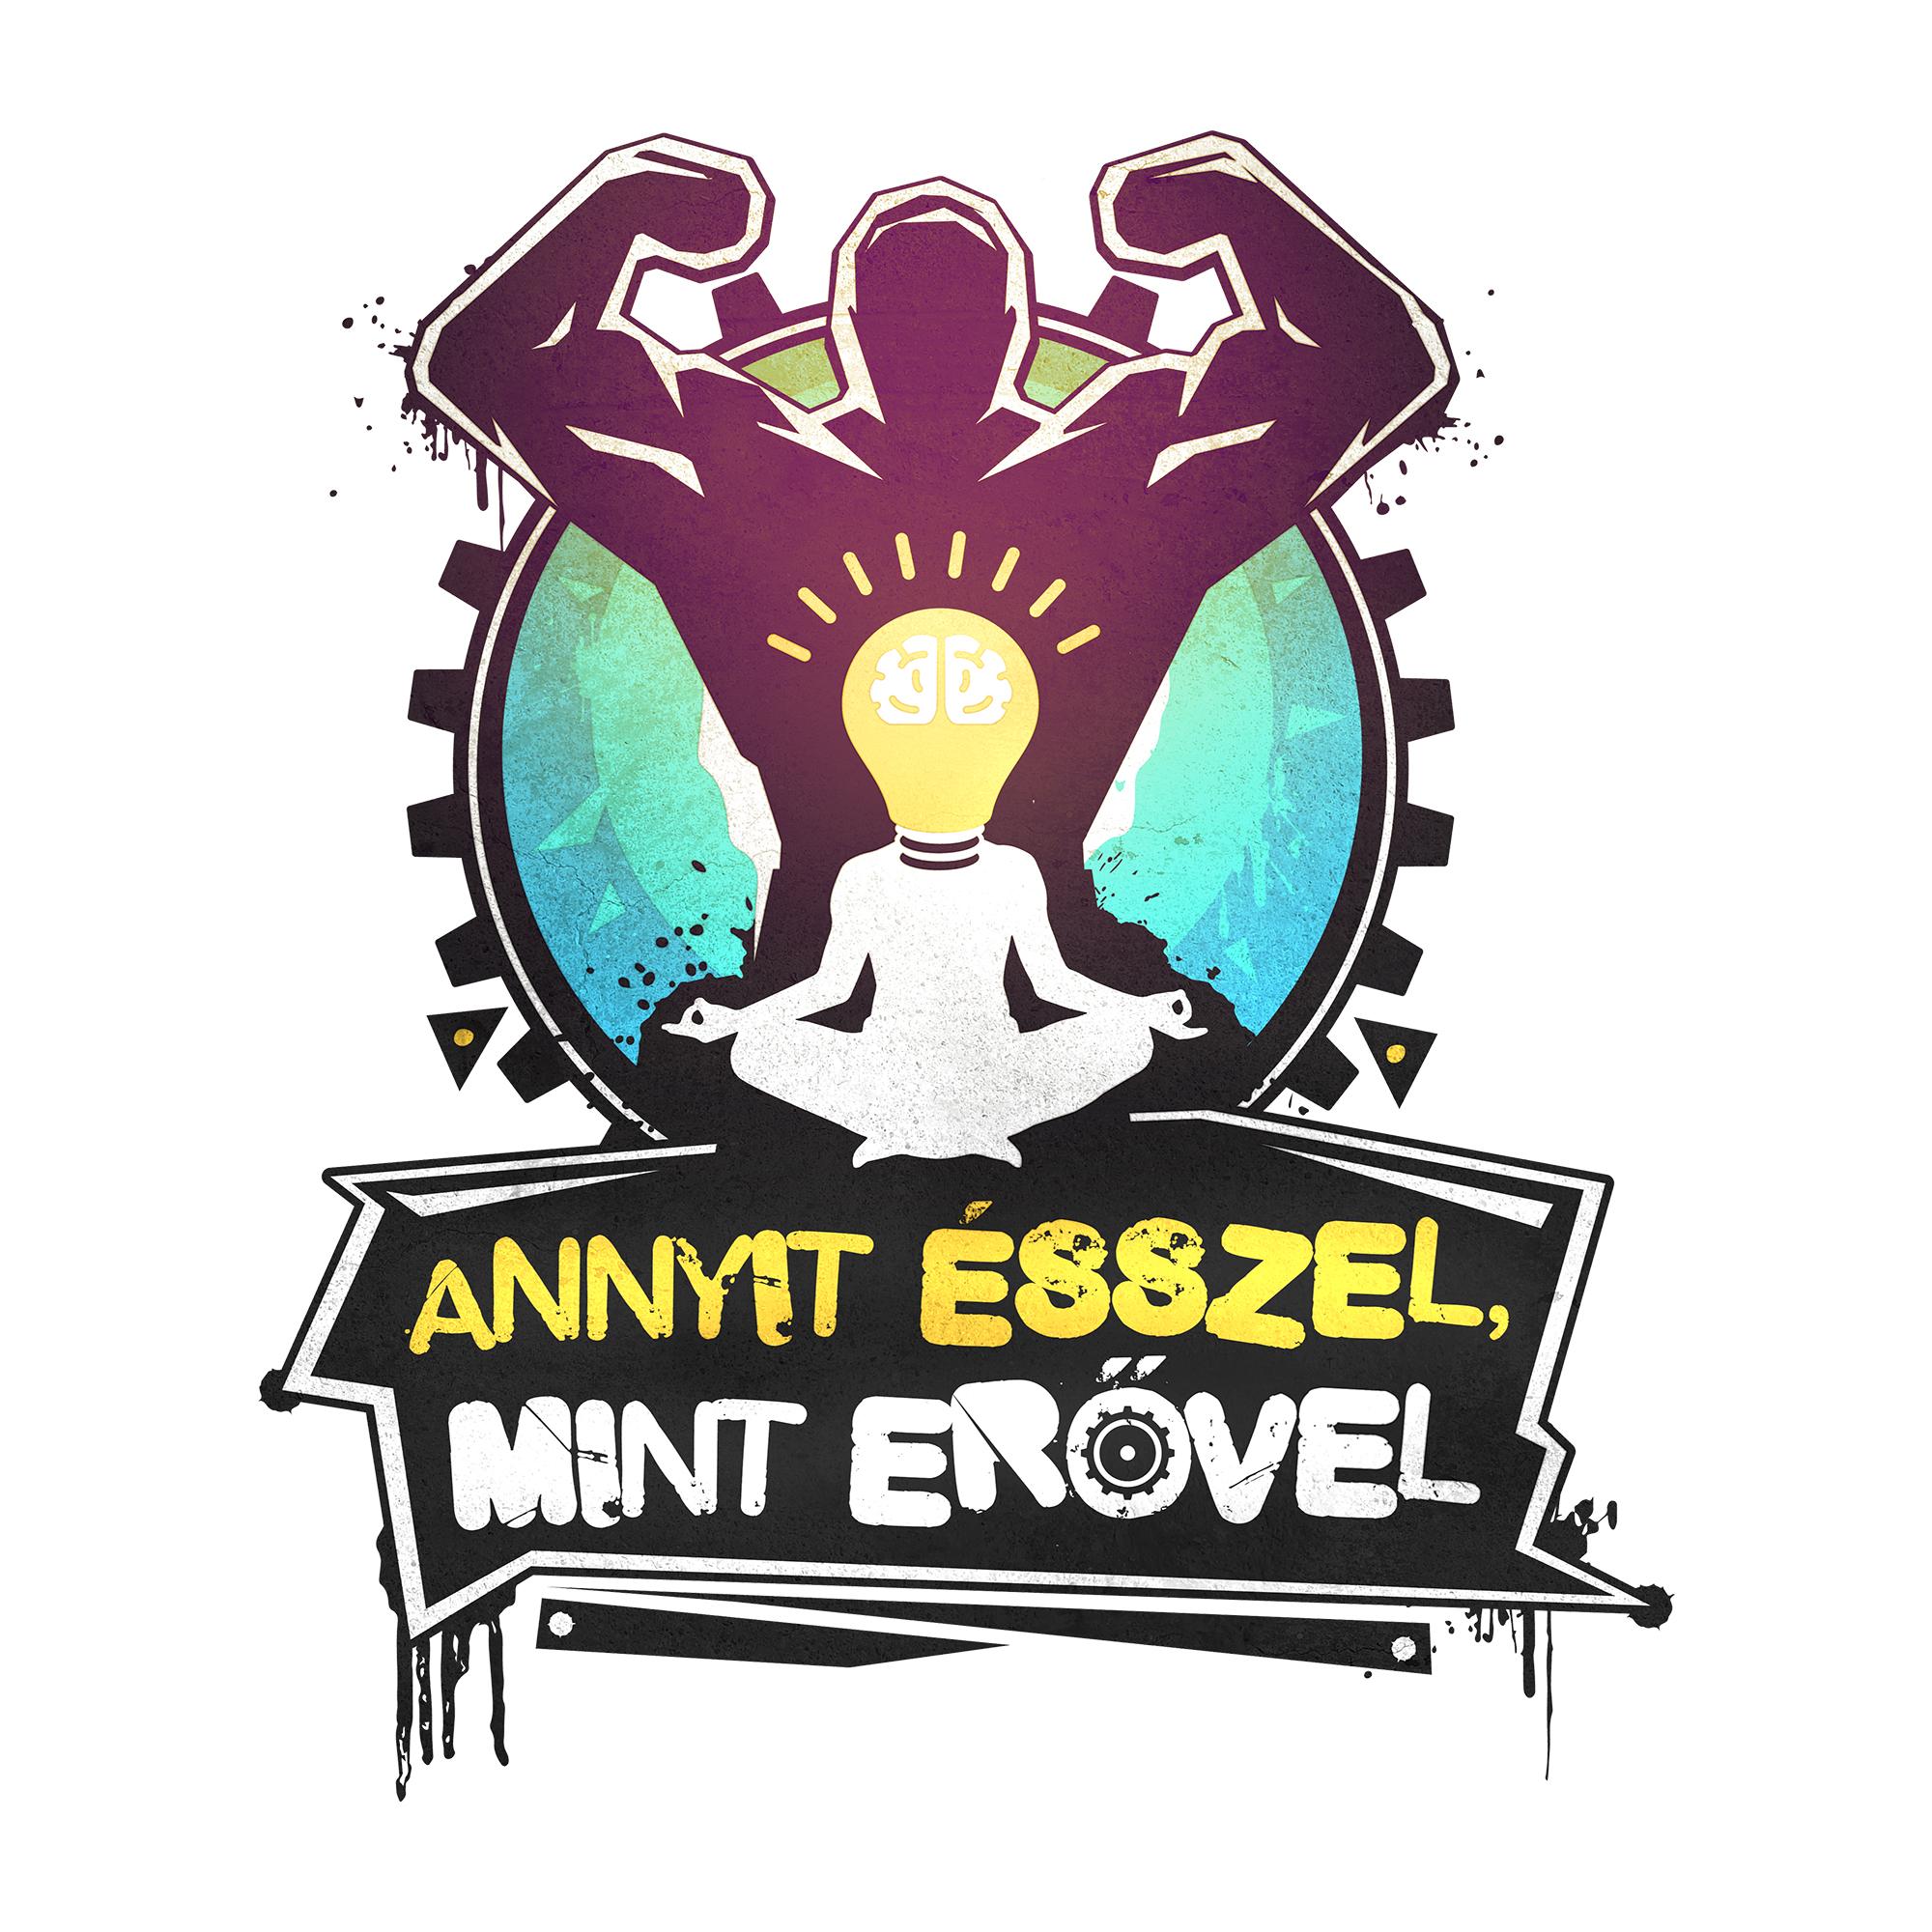 annyit_esszel_mint_erovel_logo.jpg